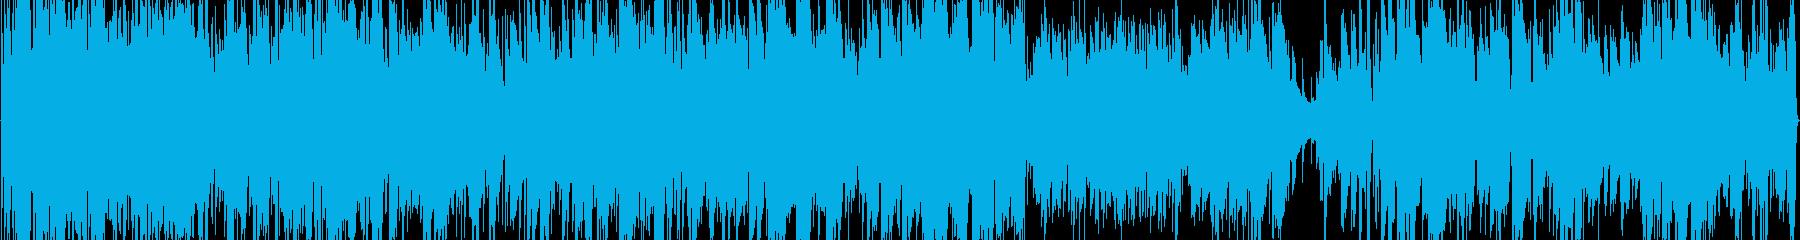 アコギ1本で壮大な海をイメージした曲の再生済みの波形